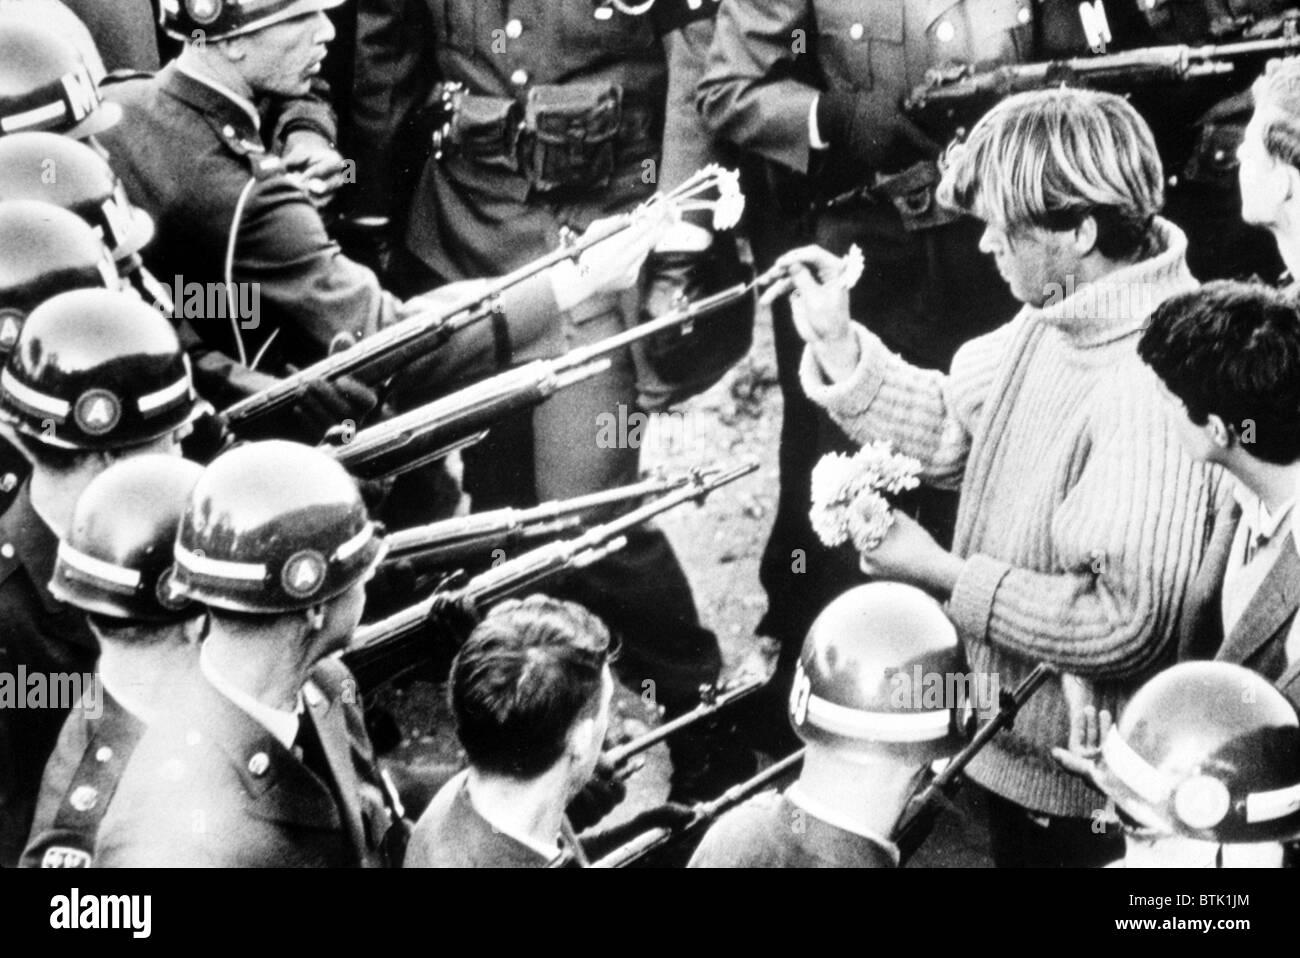 vietnam-krieg-demonstrant-legt-blumen-in-die-fasser-von-soldaten-gewehre-1967-btk1jm.jpg